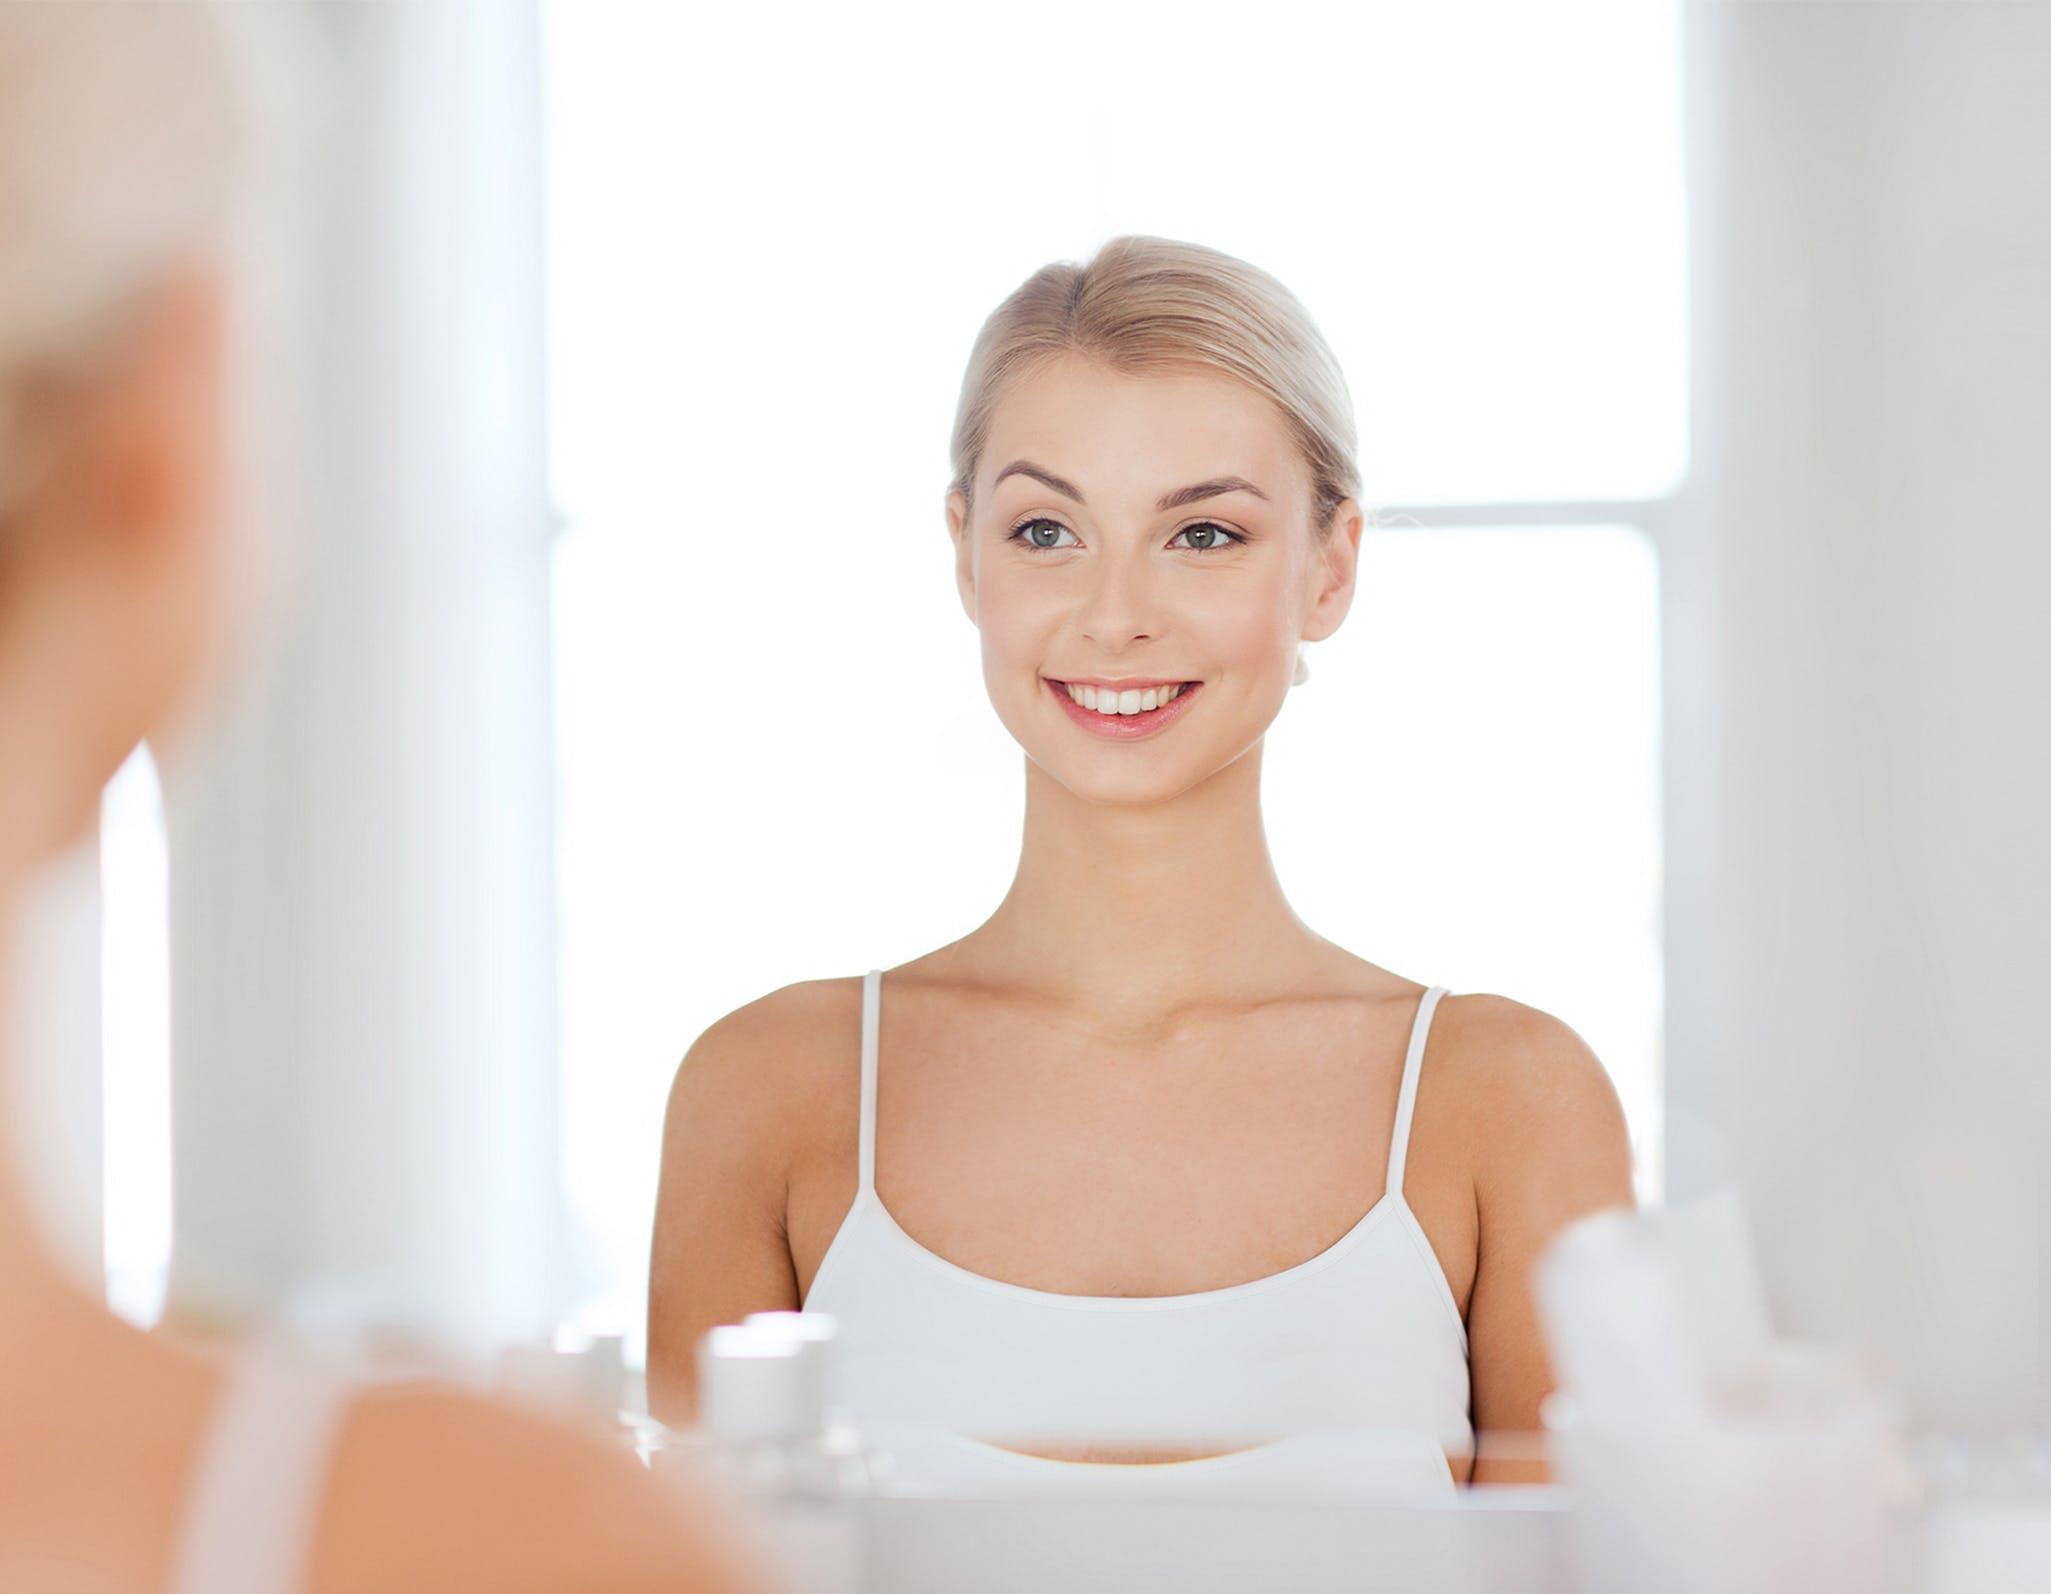 Jeune femme souriante devant un miroir